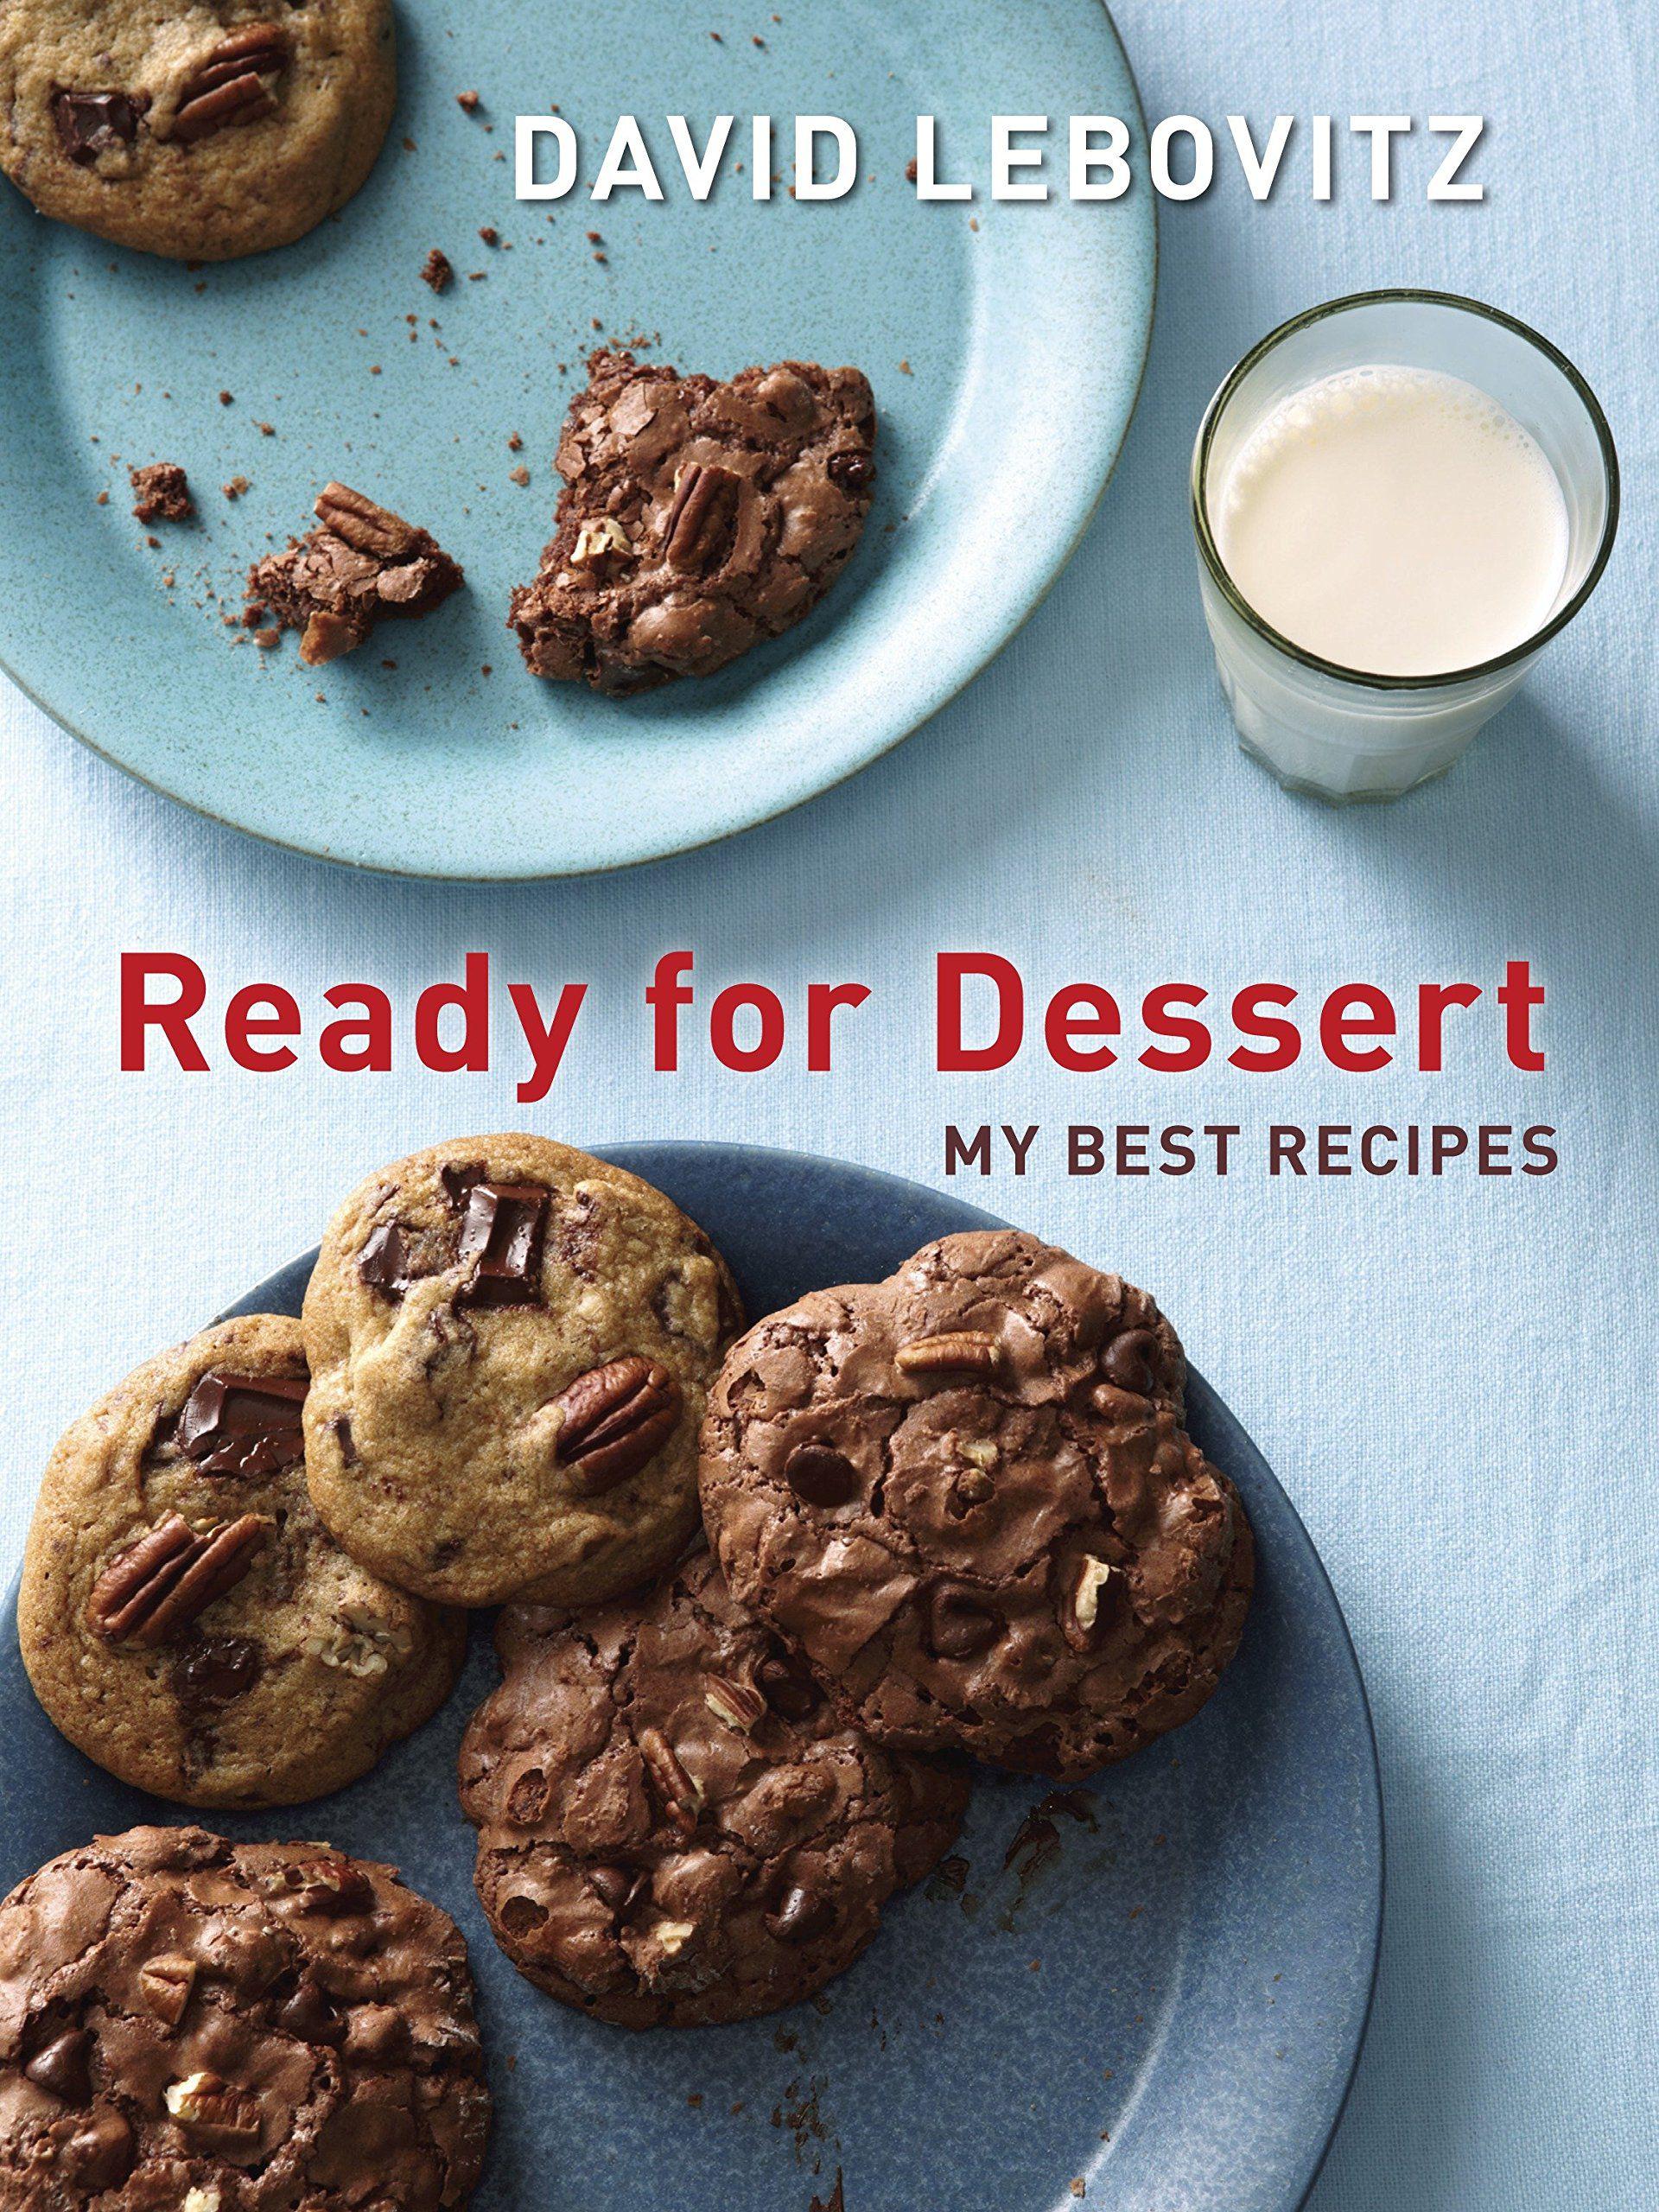 Ready for Dessert—best baking books